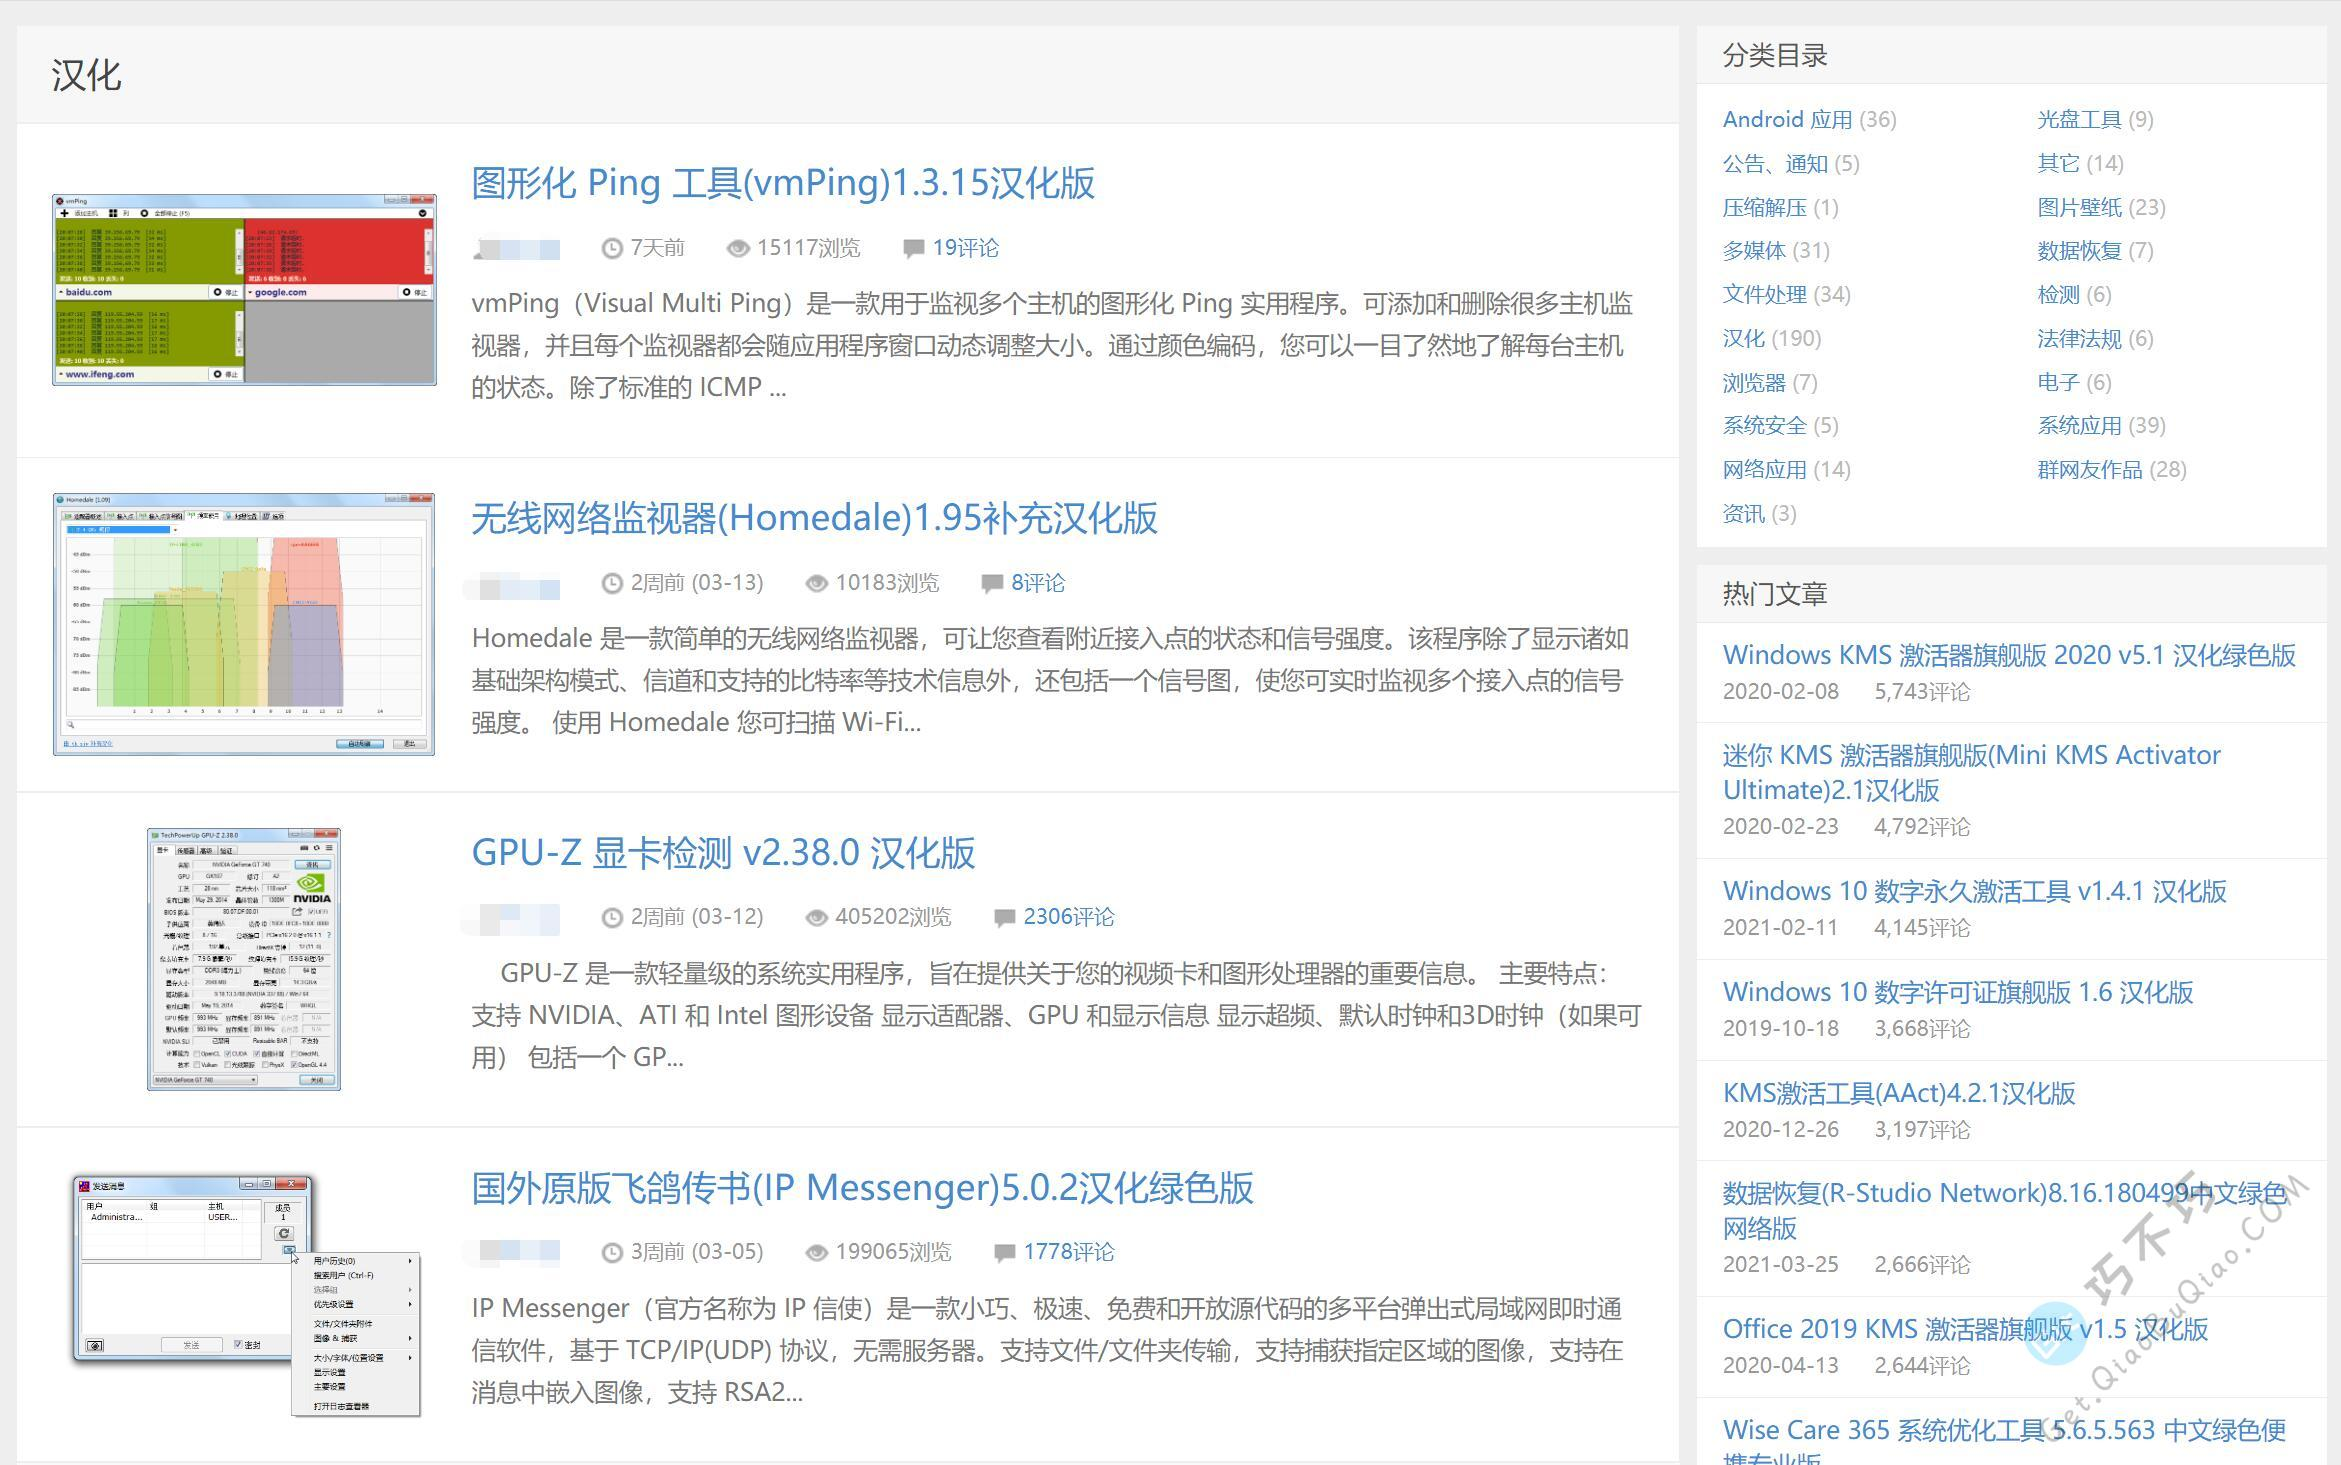 套路少,品质高的专业软件应用下载中文分享网站,破解、已激活、汉化应有尽有